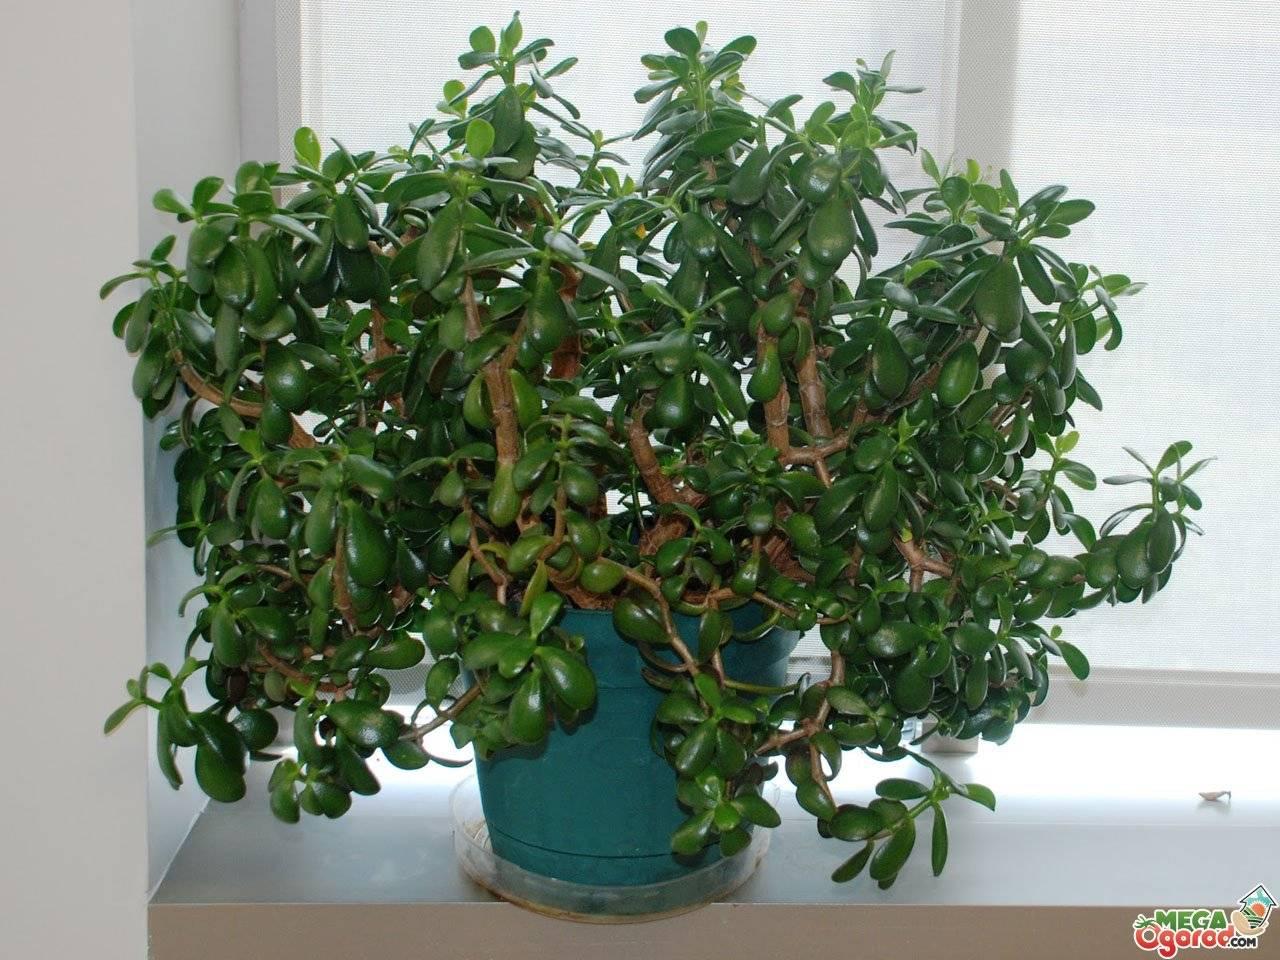 Почему вянет денежное дерево и что делать, как реанимировать толстянку если она завяла и ее листья и ветки сохнут